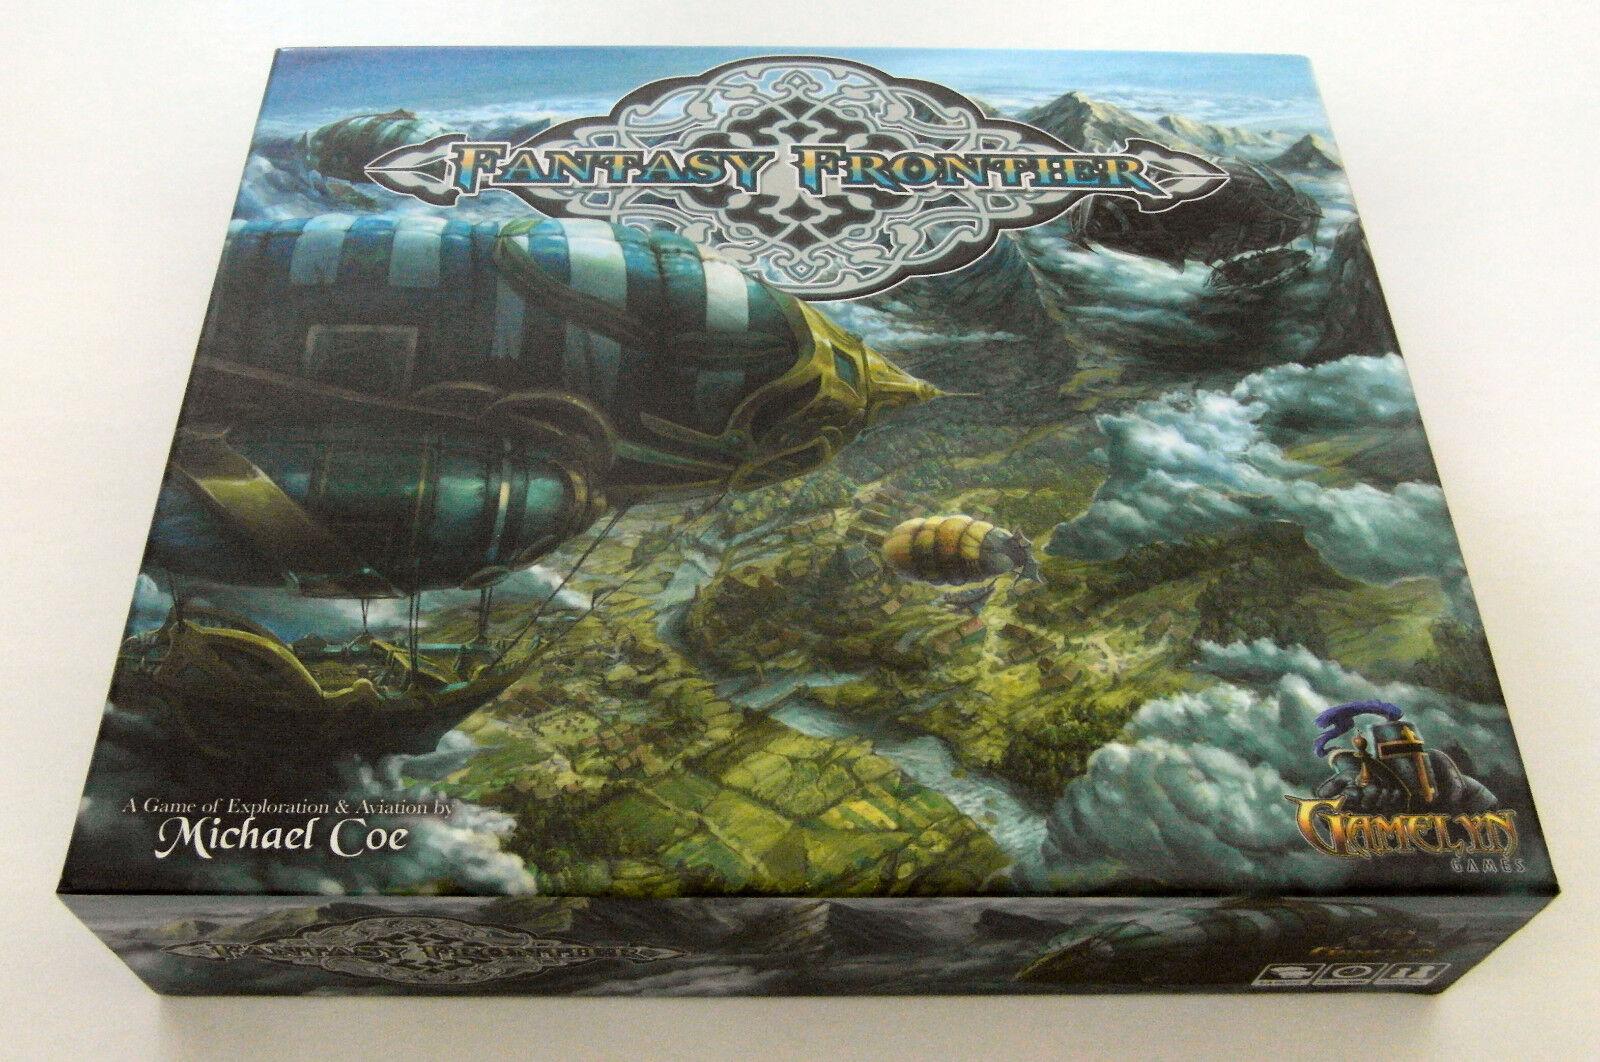 Fantasy Frontier - Gamelyn Games - 2014